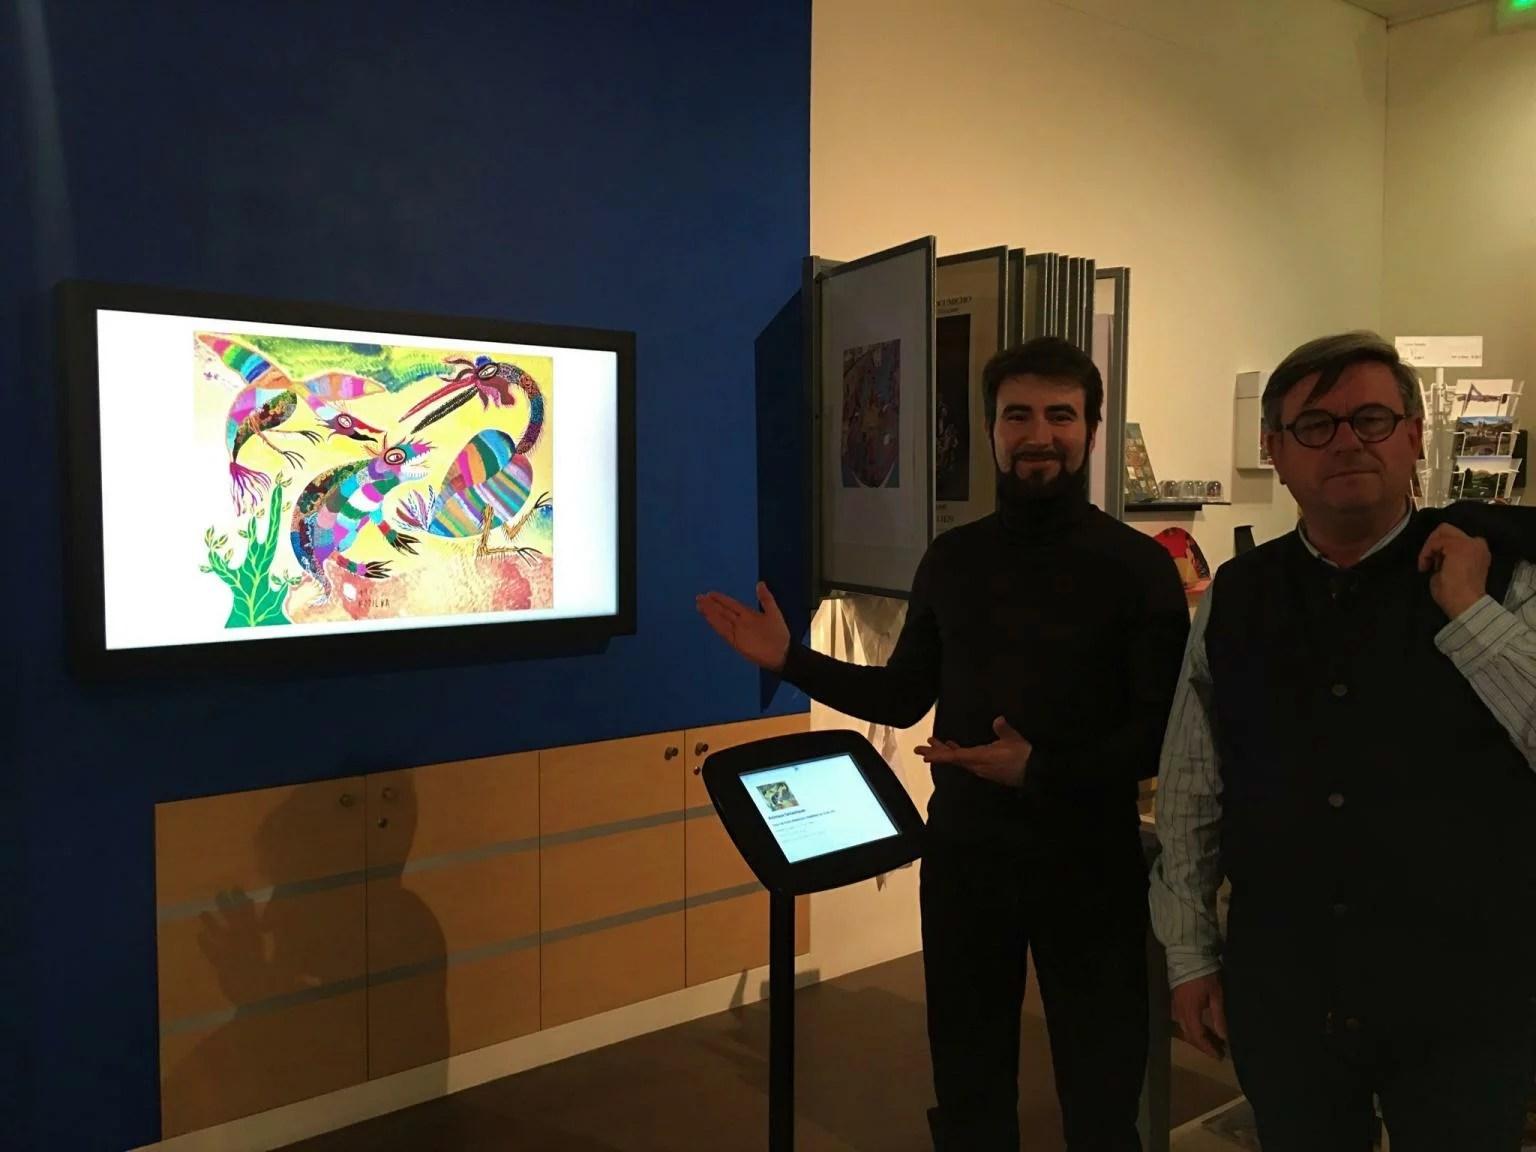 Artify - Inauguration du Musée d'Art Naïf et d'Arts Singuliers à Laval avec notre tableau d'art connecté